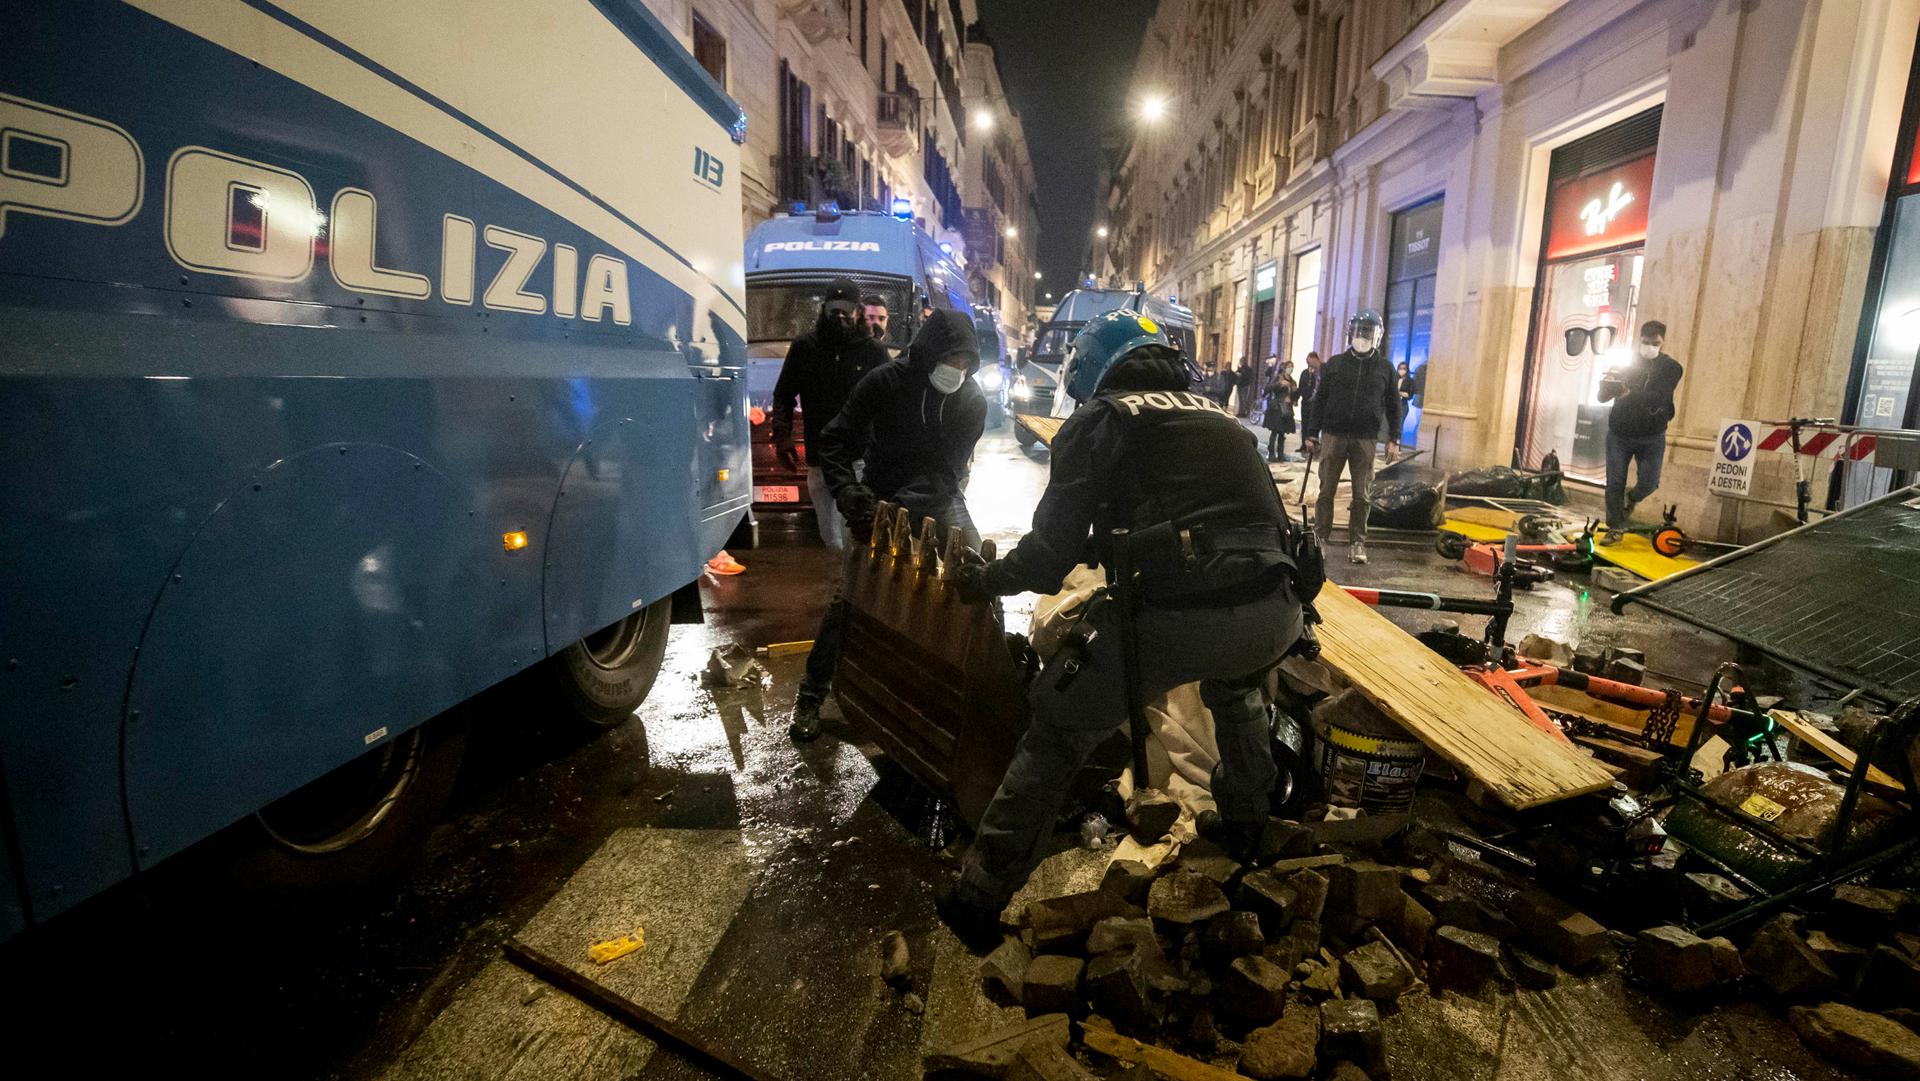 assalto roma forza nuova ANSA